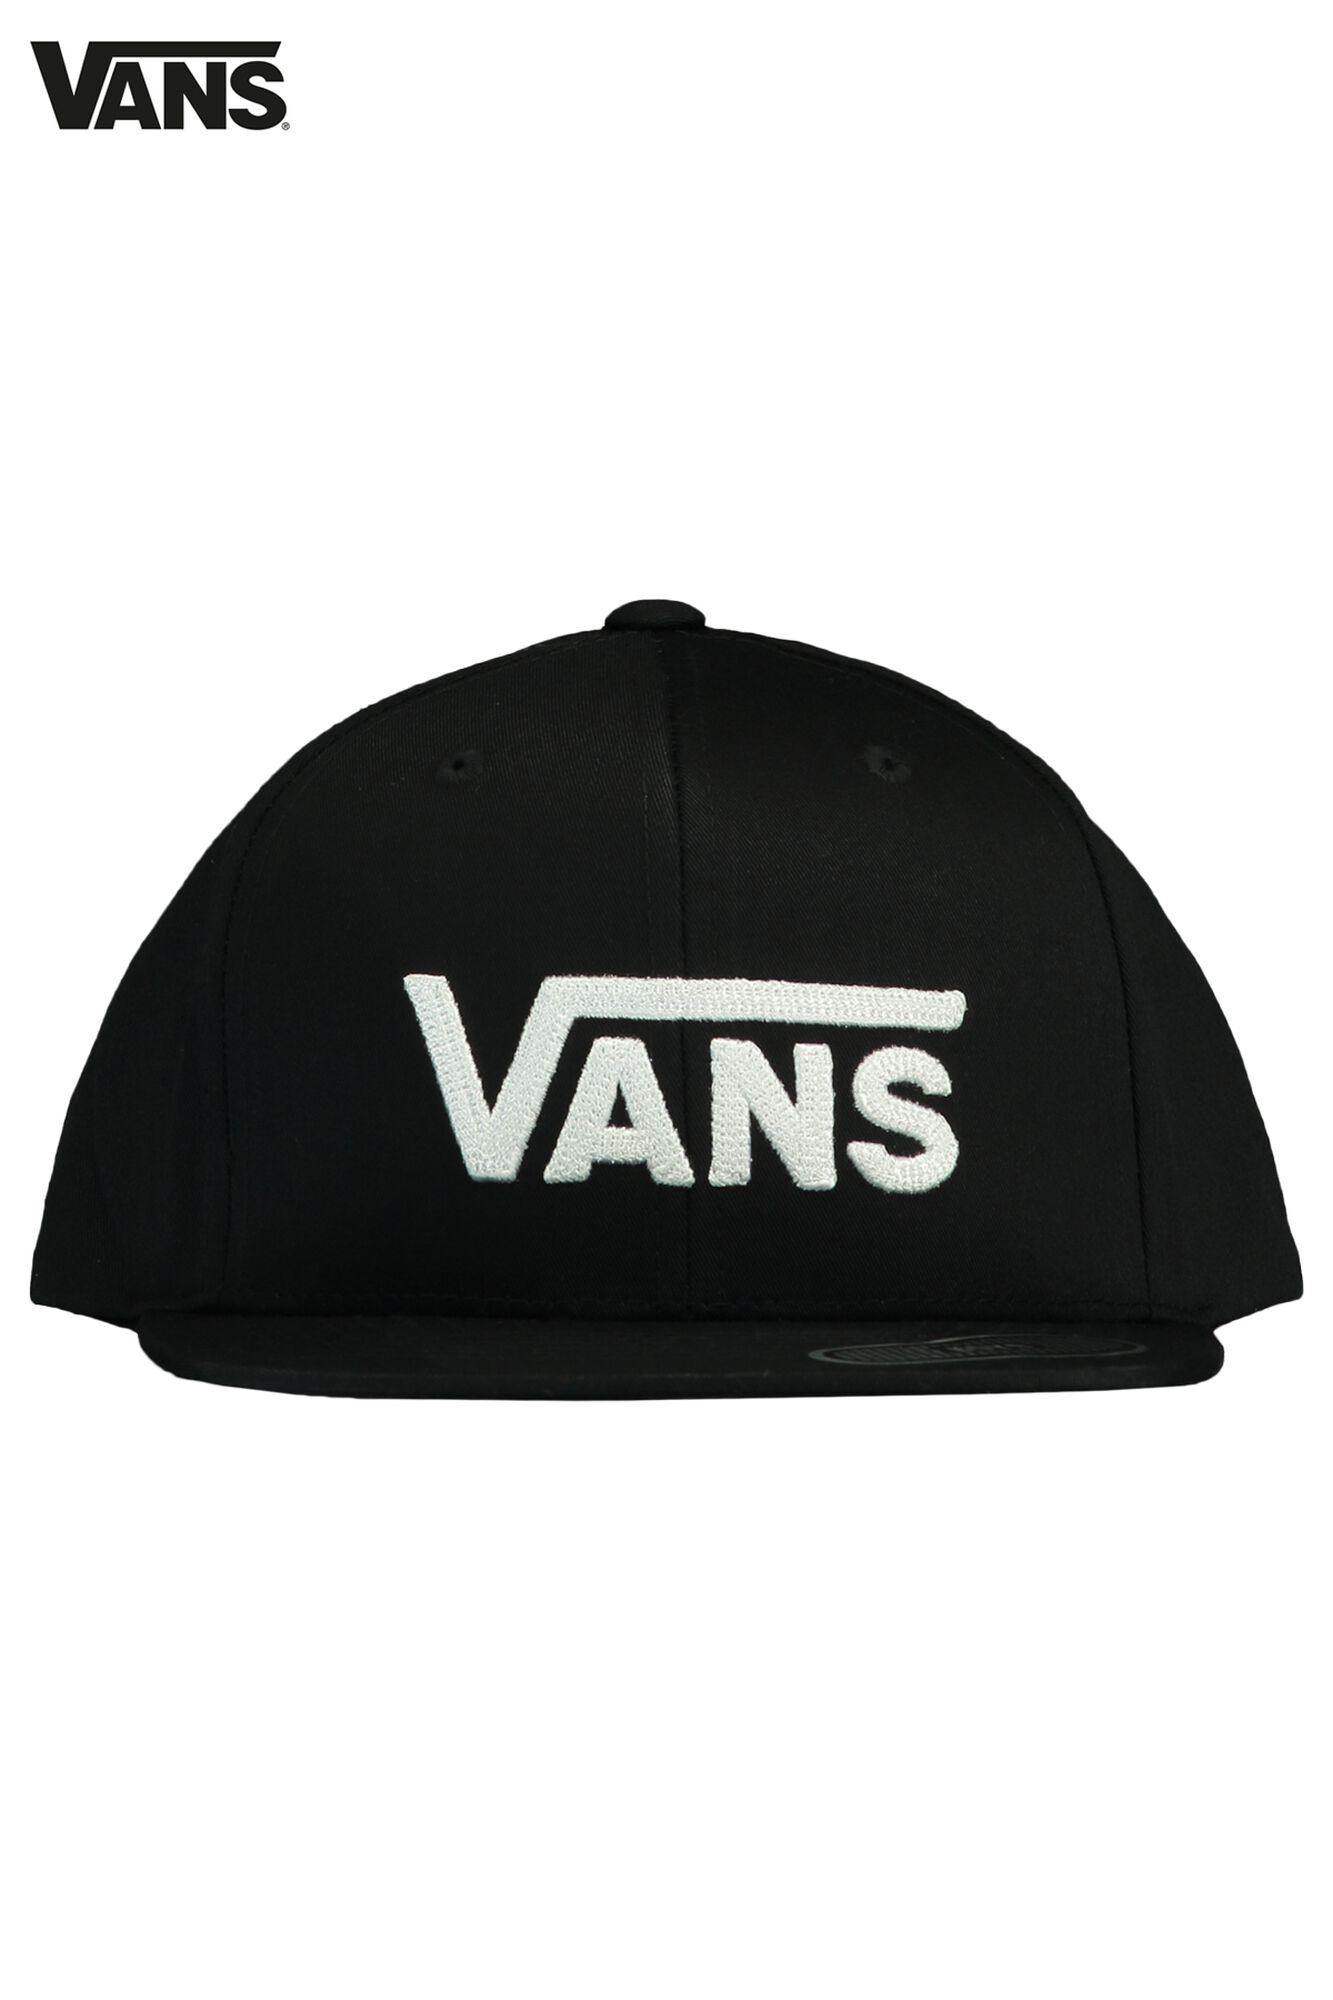 abdbe9850 Cap Vans Snapback boys